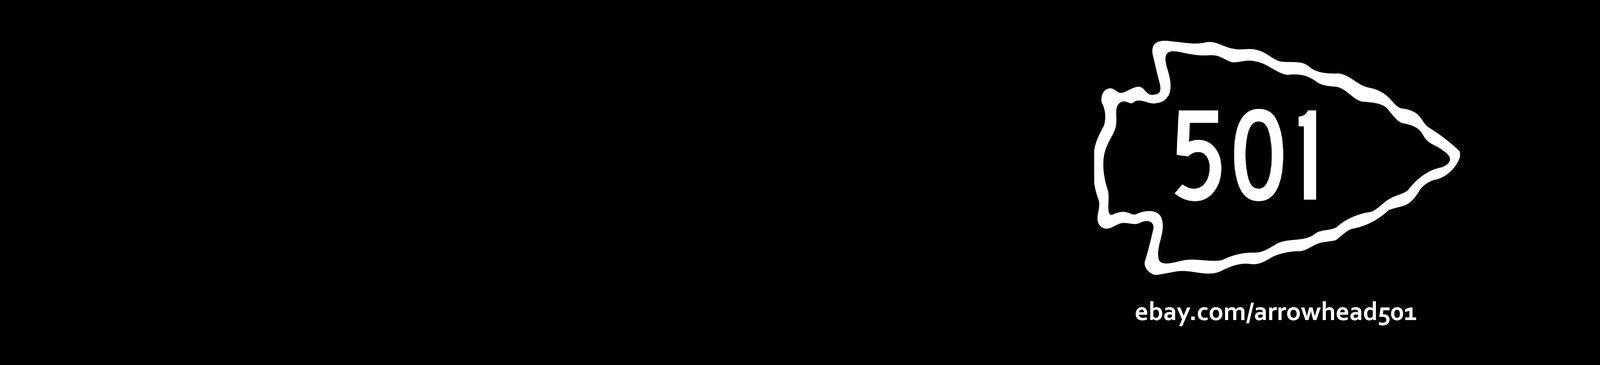 arrowhead501